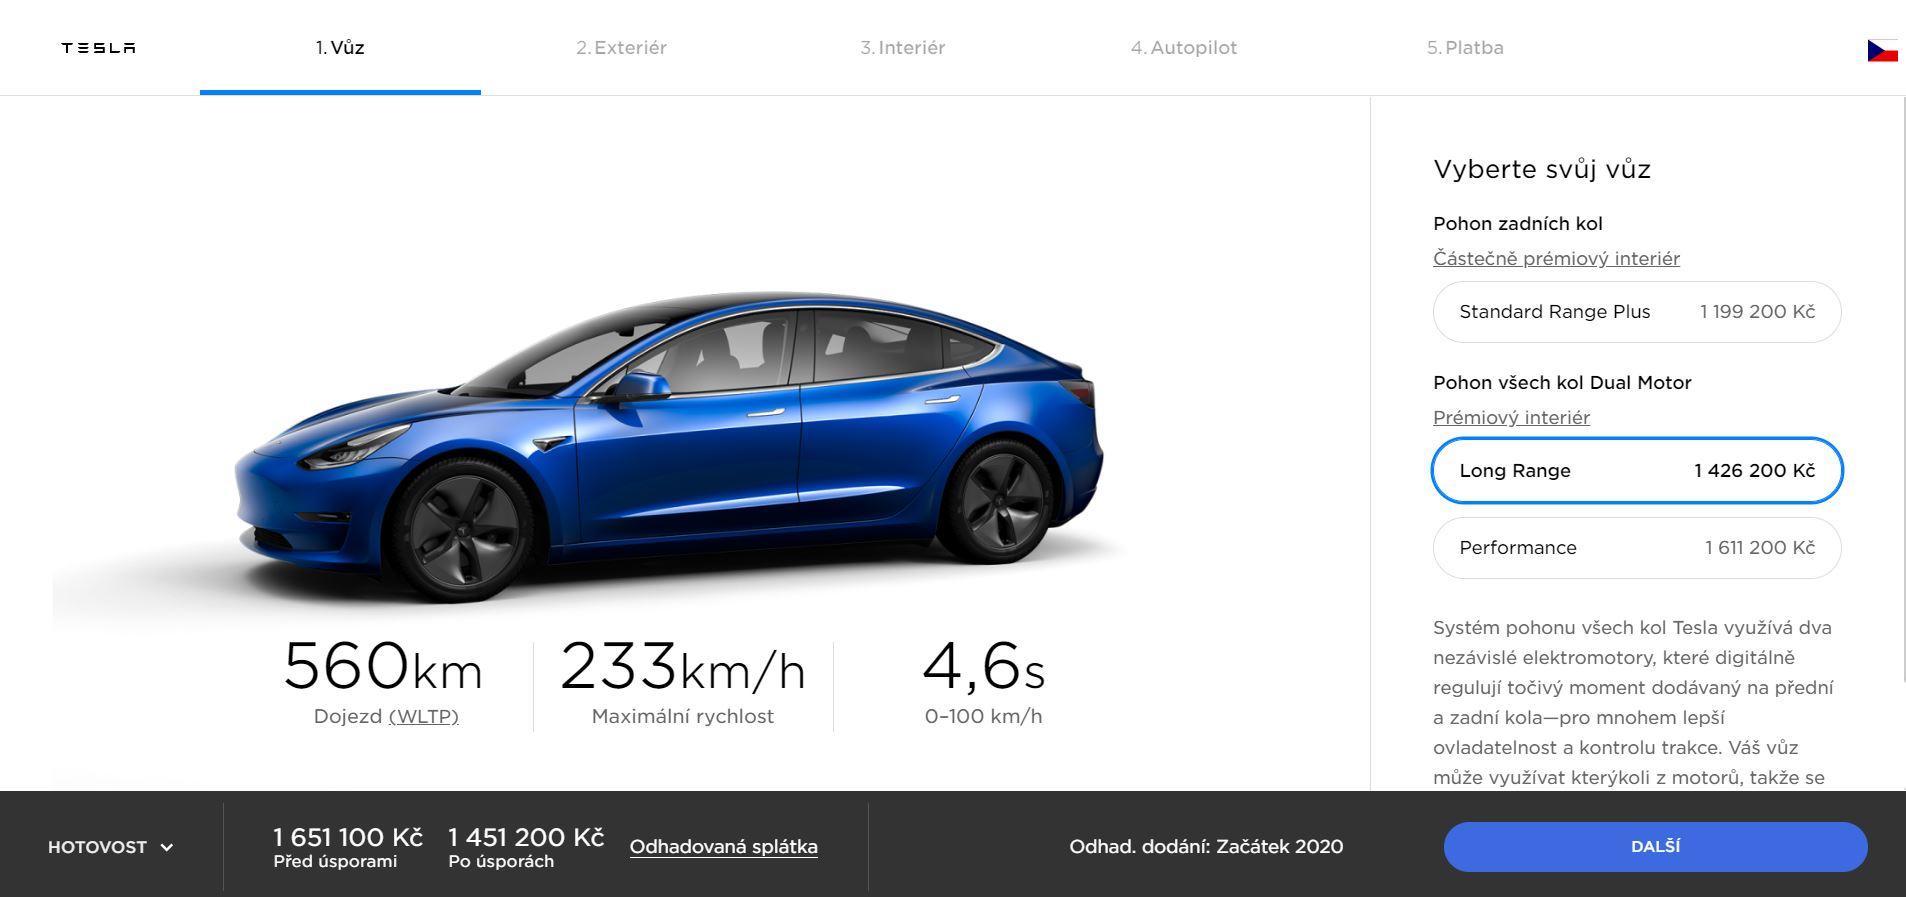 Obrázek: Kolik stojí elektromobil Tesla s autopilotem? Český konfigurátor ukázal oficiální ceny